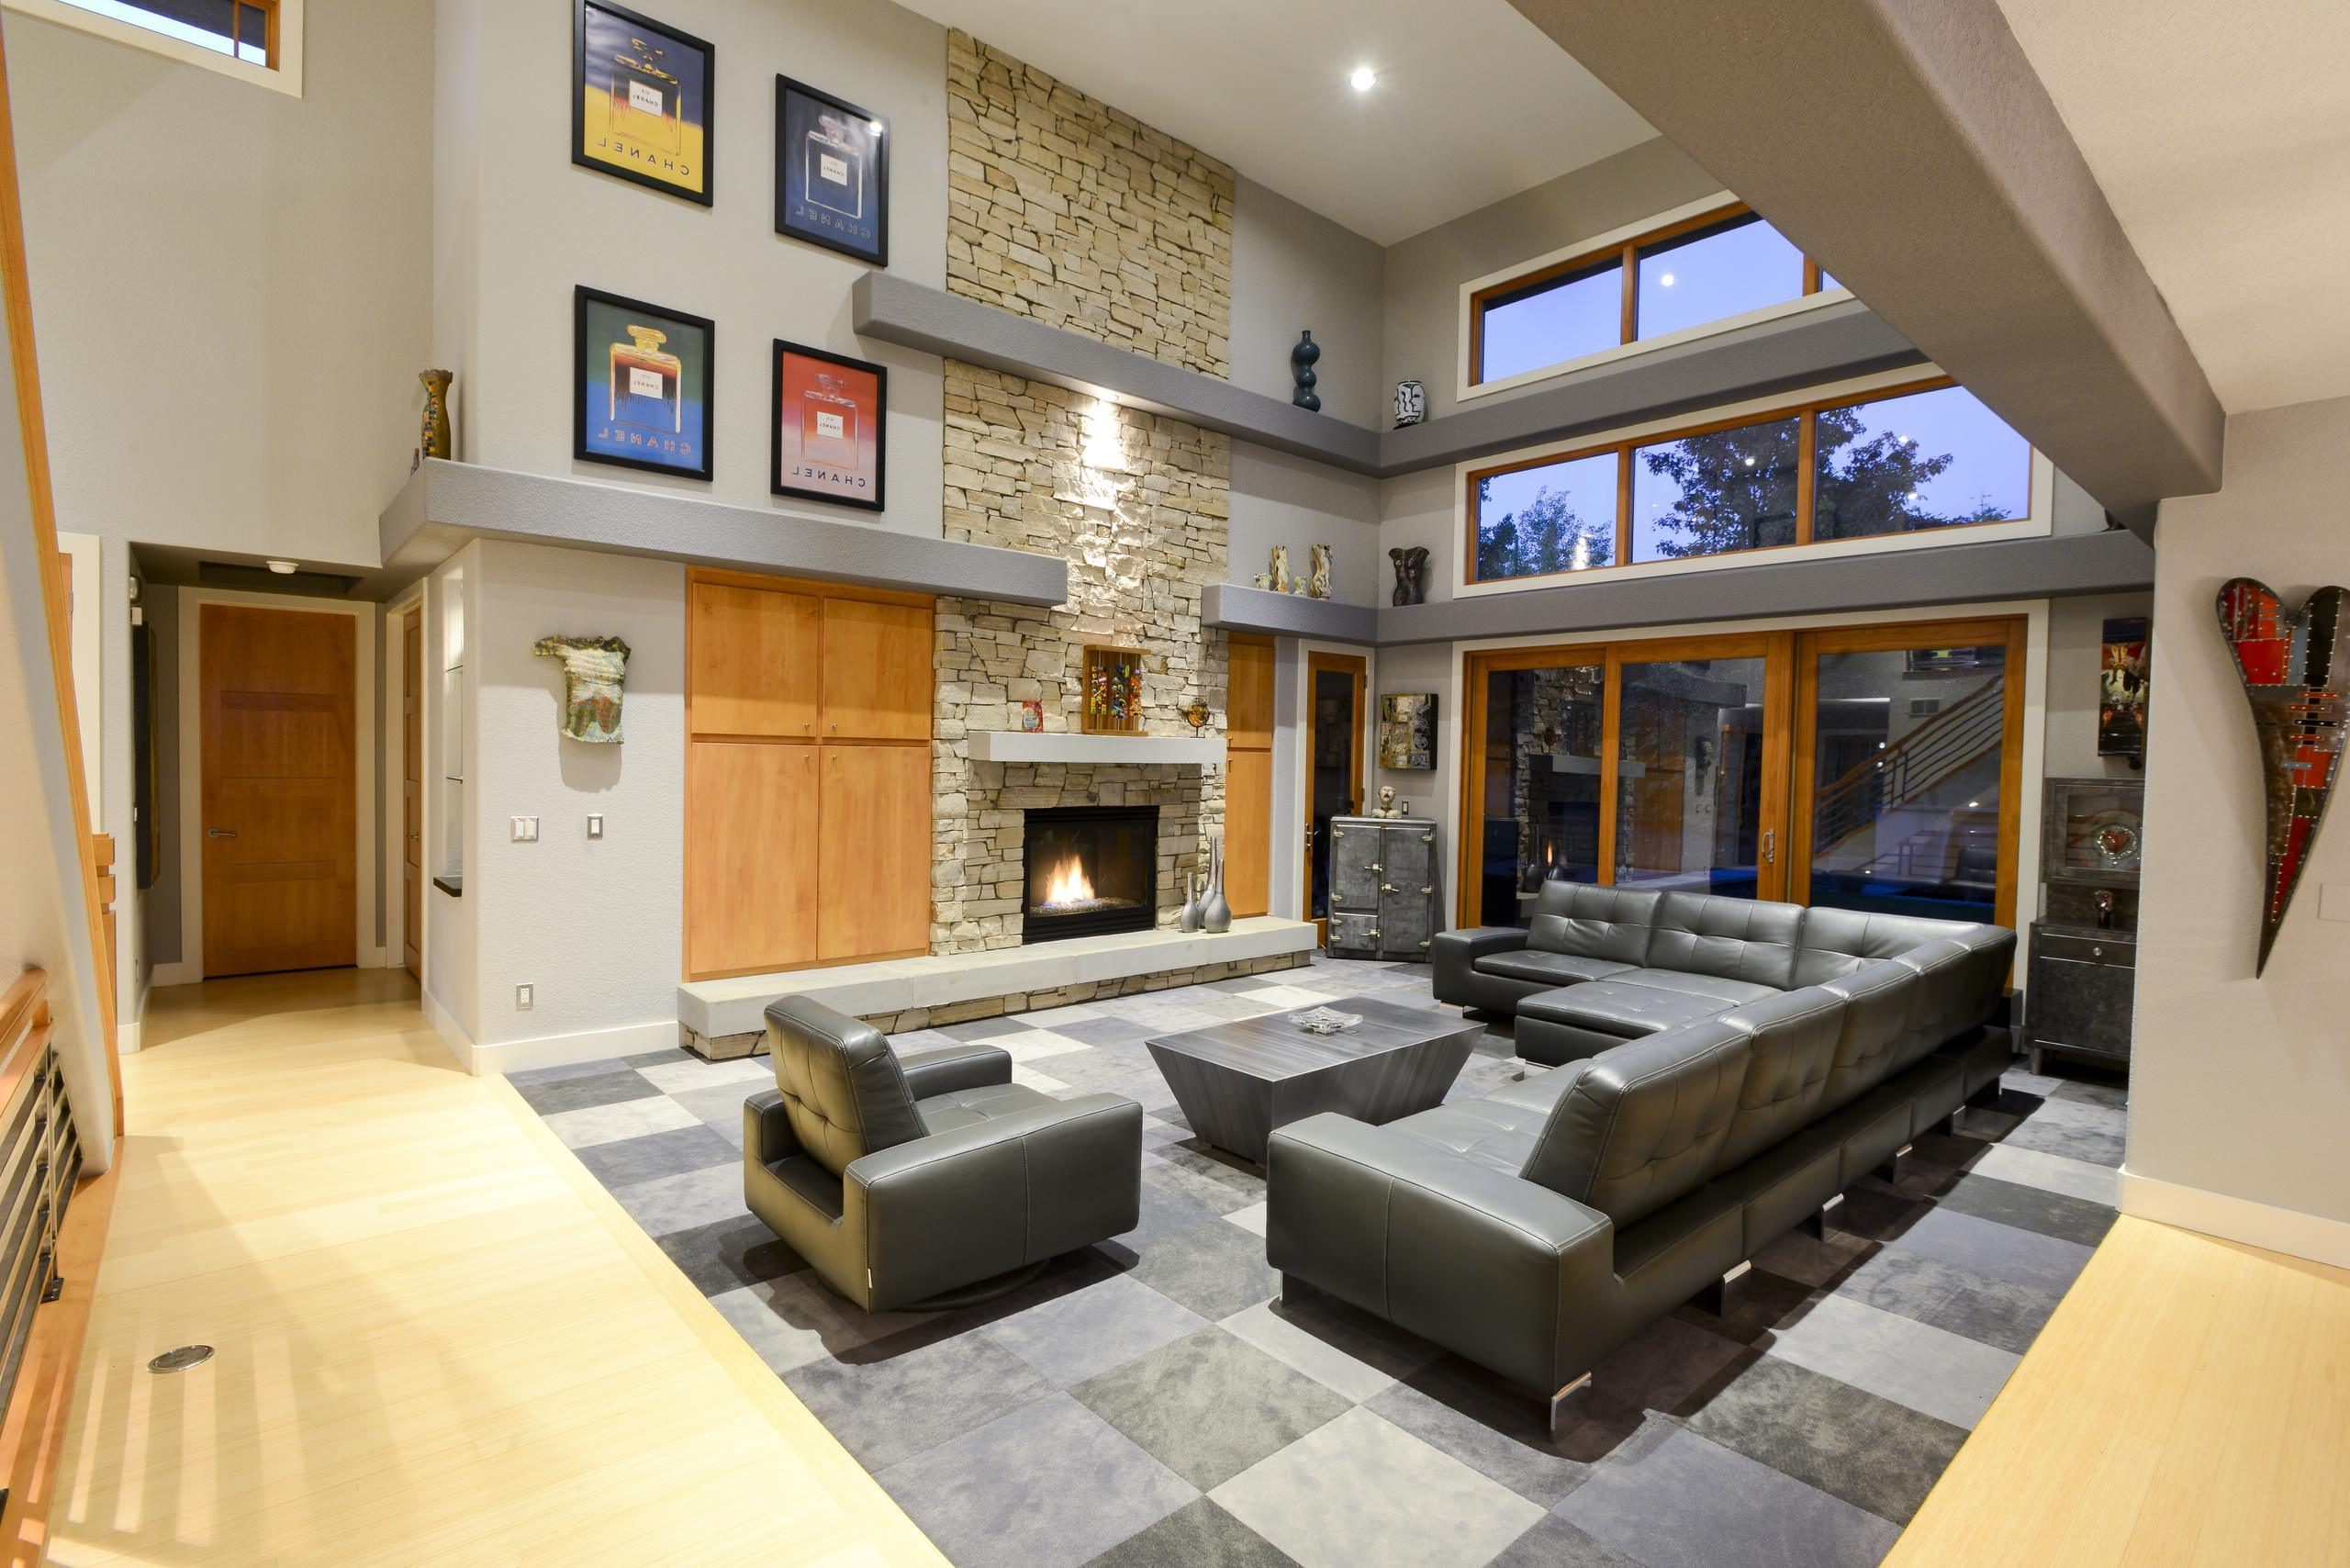 Mein Zuhause in Landhausstil: Darf das Wohnzimmer Grau sein?